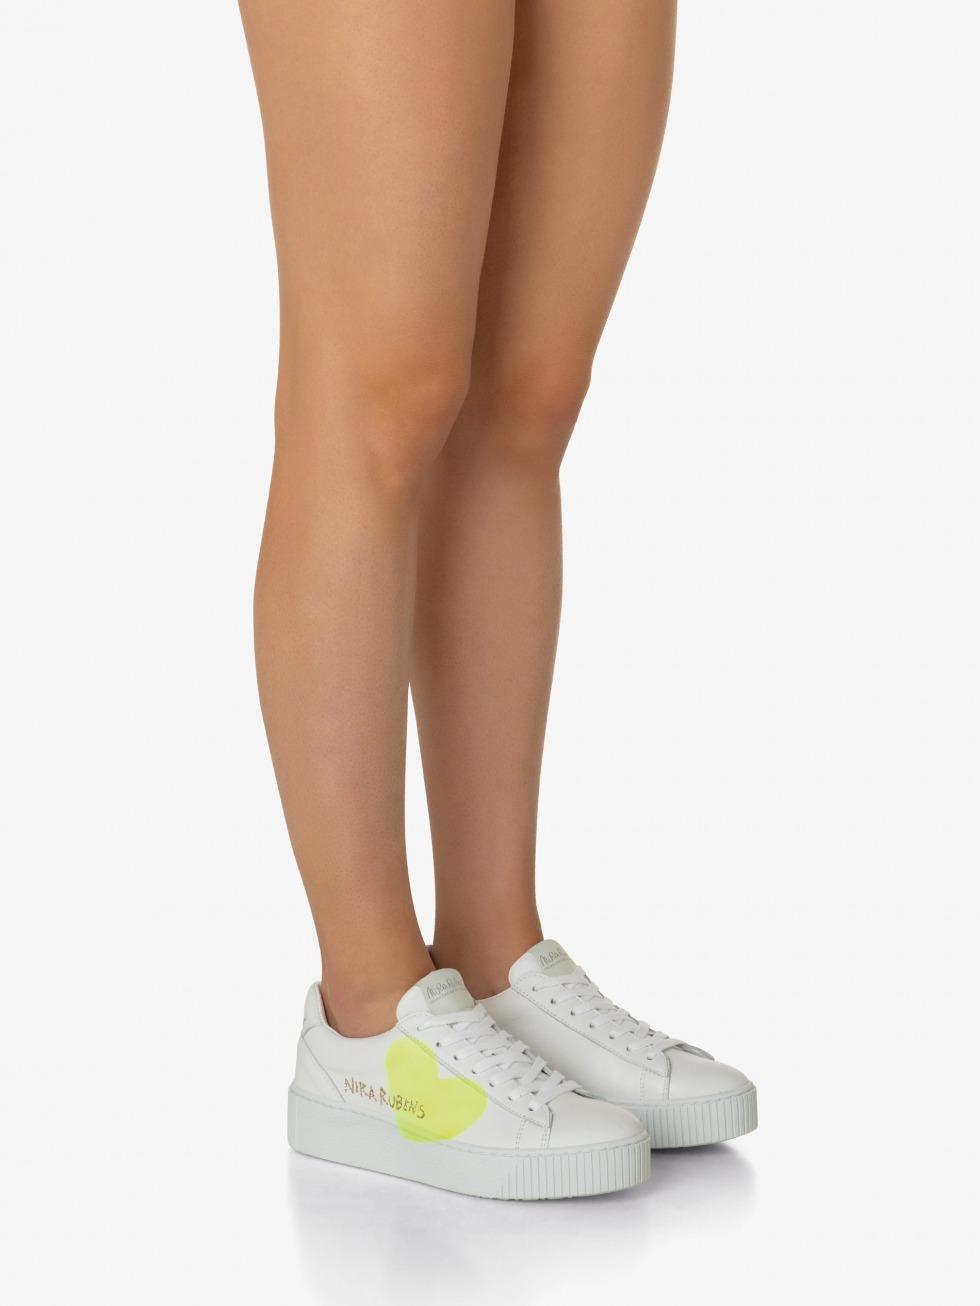 Cosmopolitan Sneakers - Heart Yellow Fluo